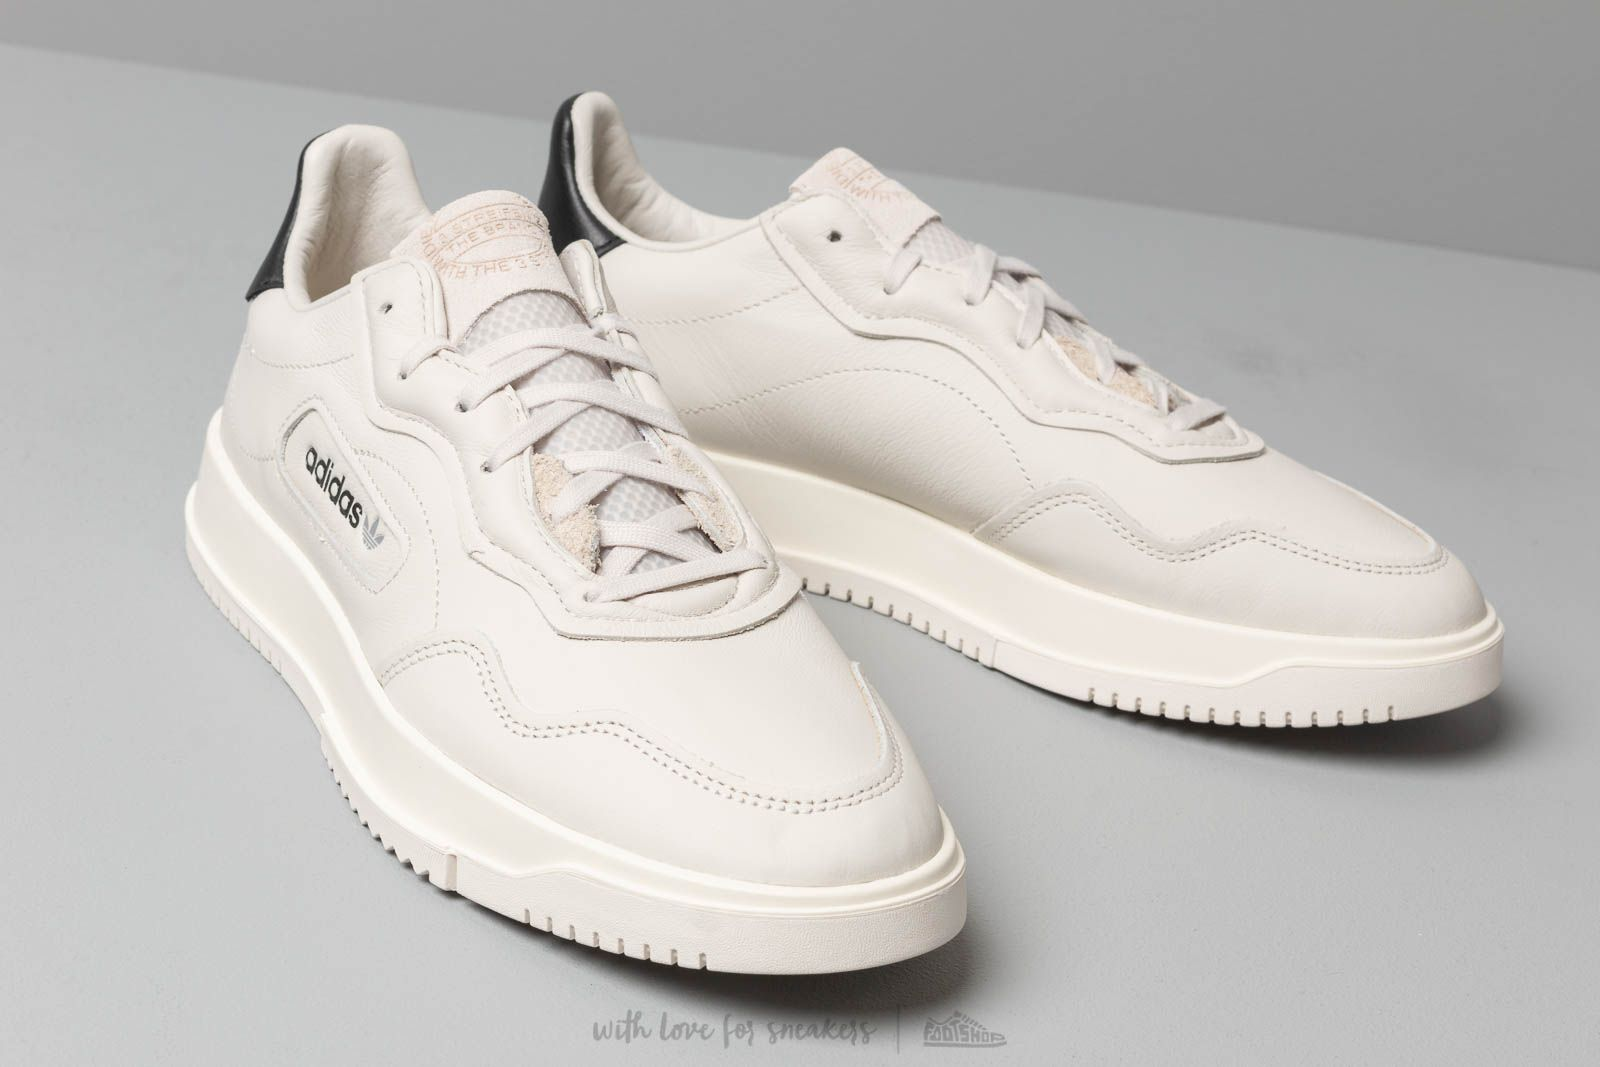 adidas Sc Premiere Raw White Chalk White Off White | Footshop 3gvDZ